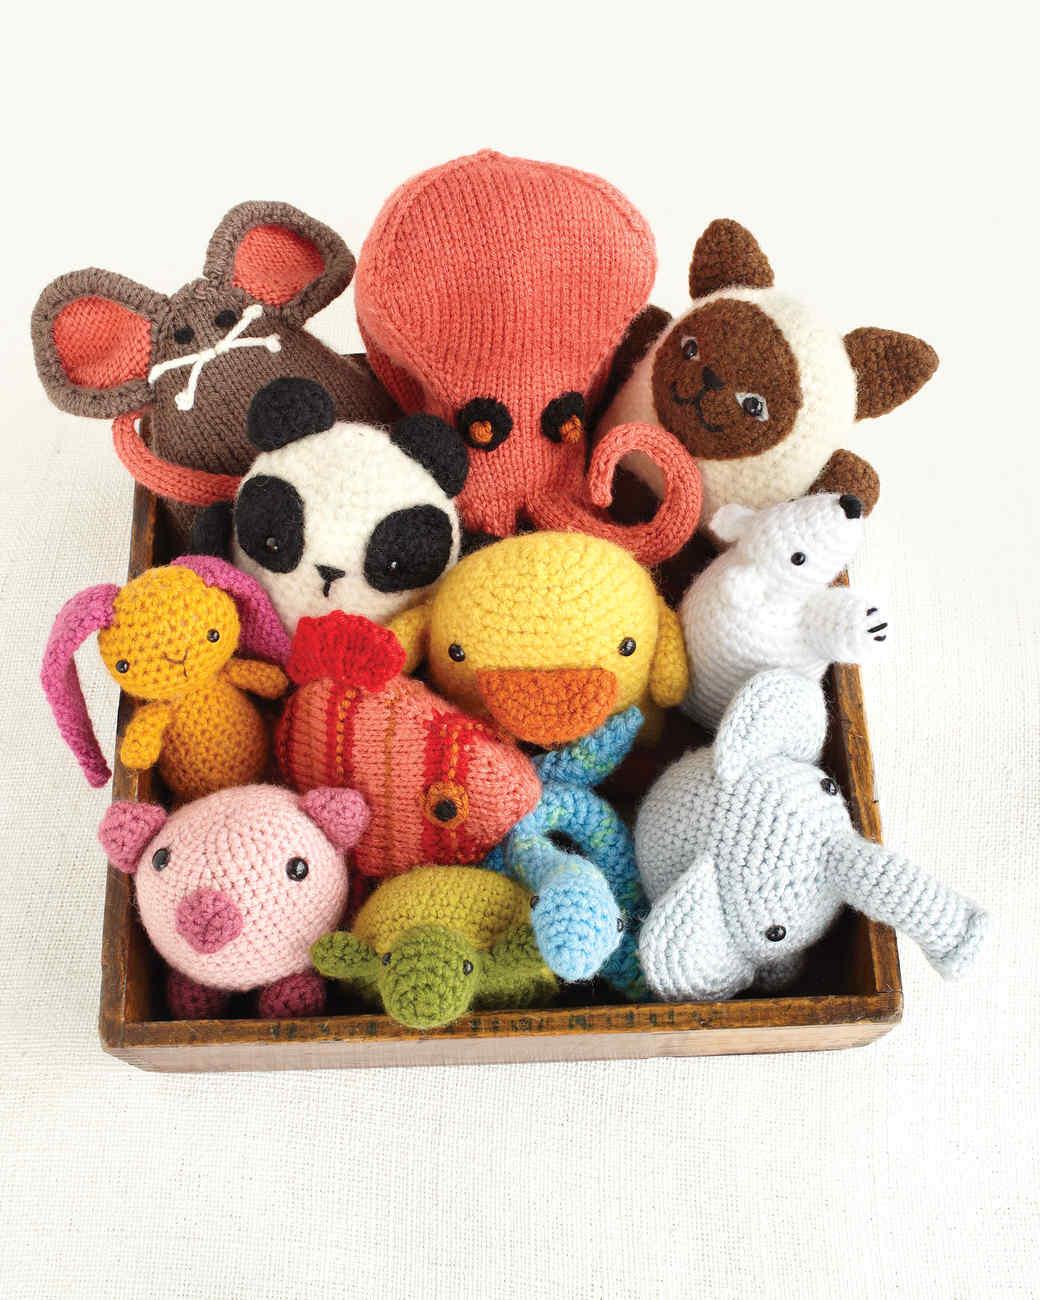 mld105415_0110_yarn_animal.jpg